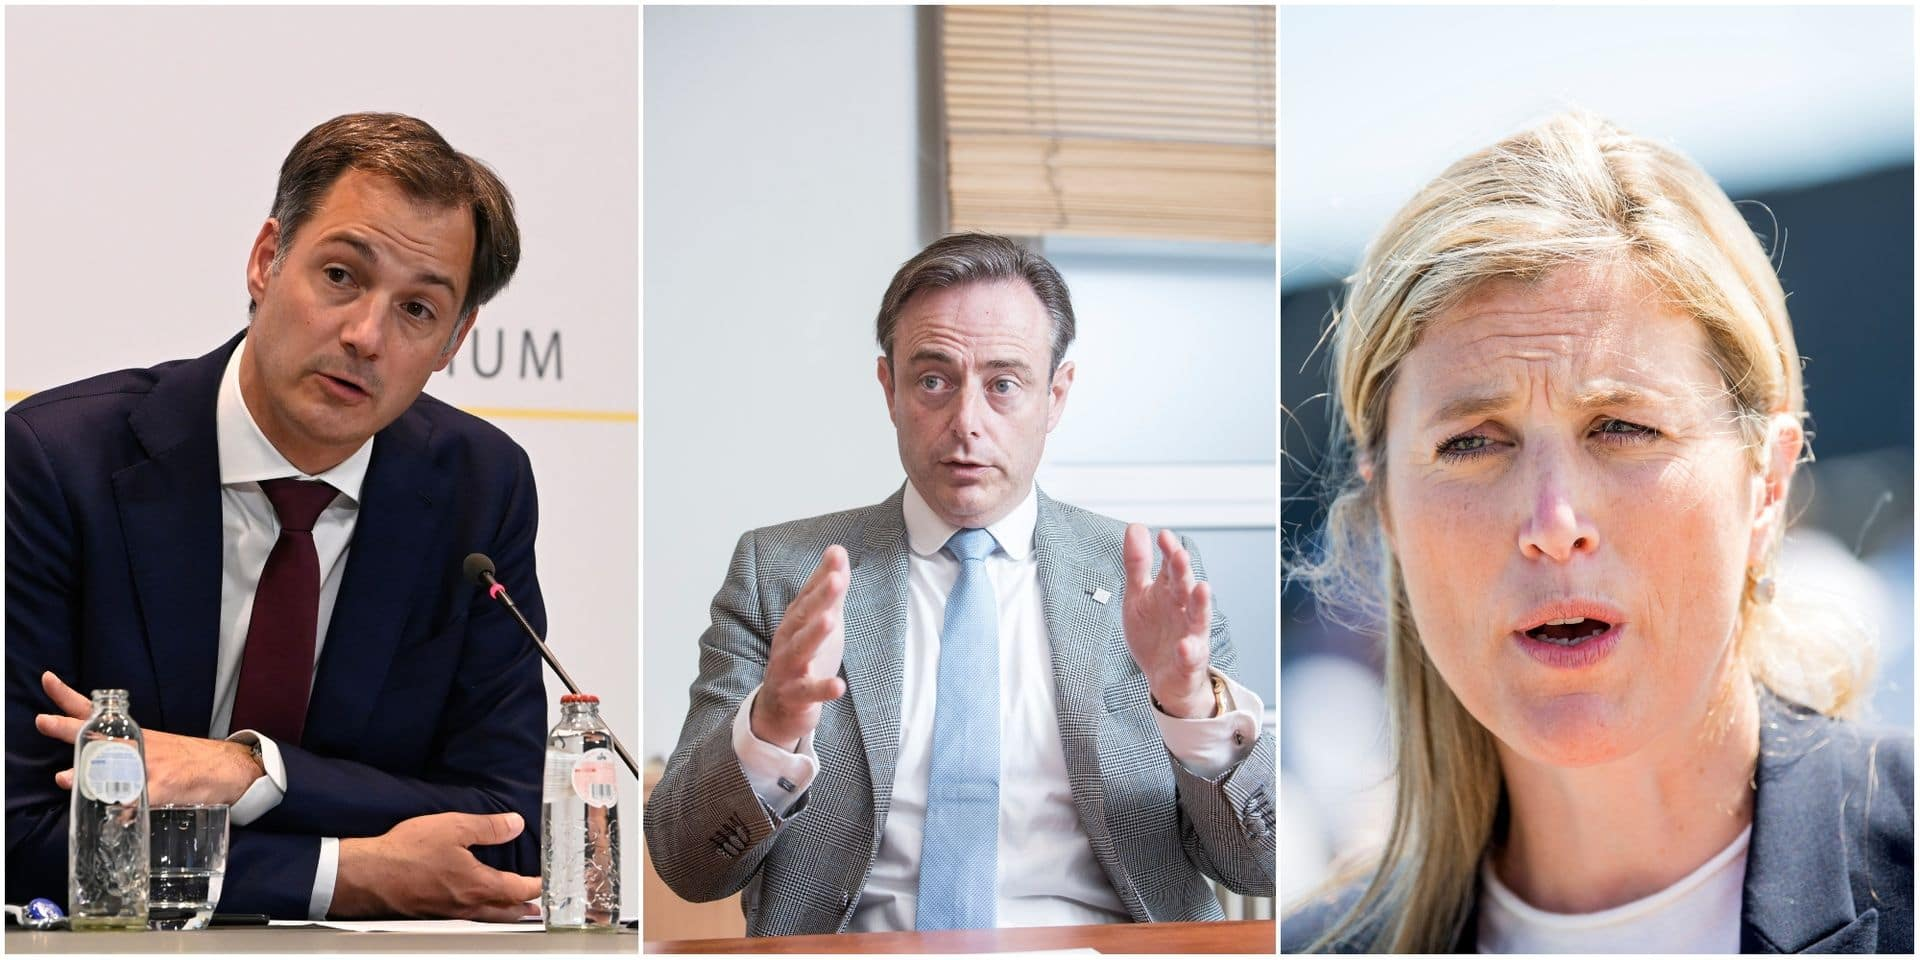 Alexander De Croo, Bart De Wever, Annelies Verlinden: notre bulletin de français des politiques flamands